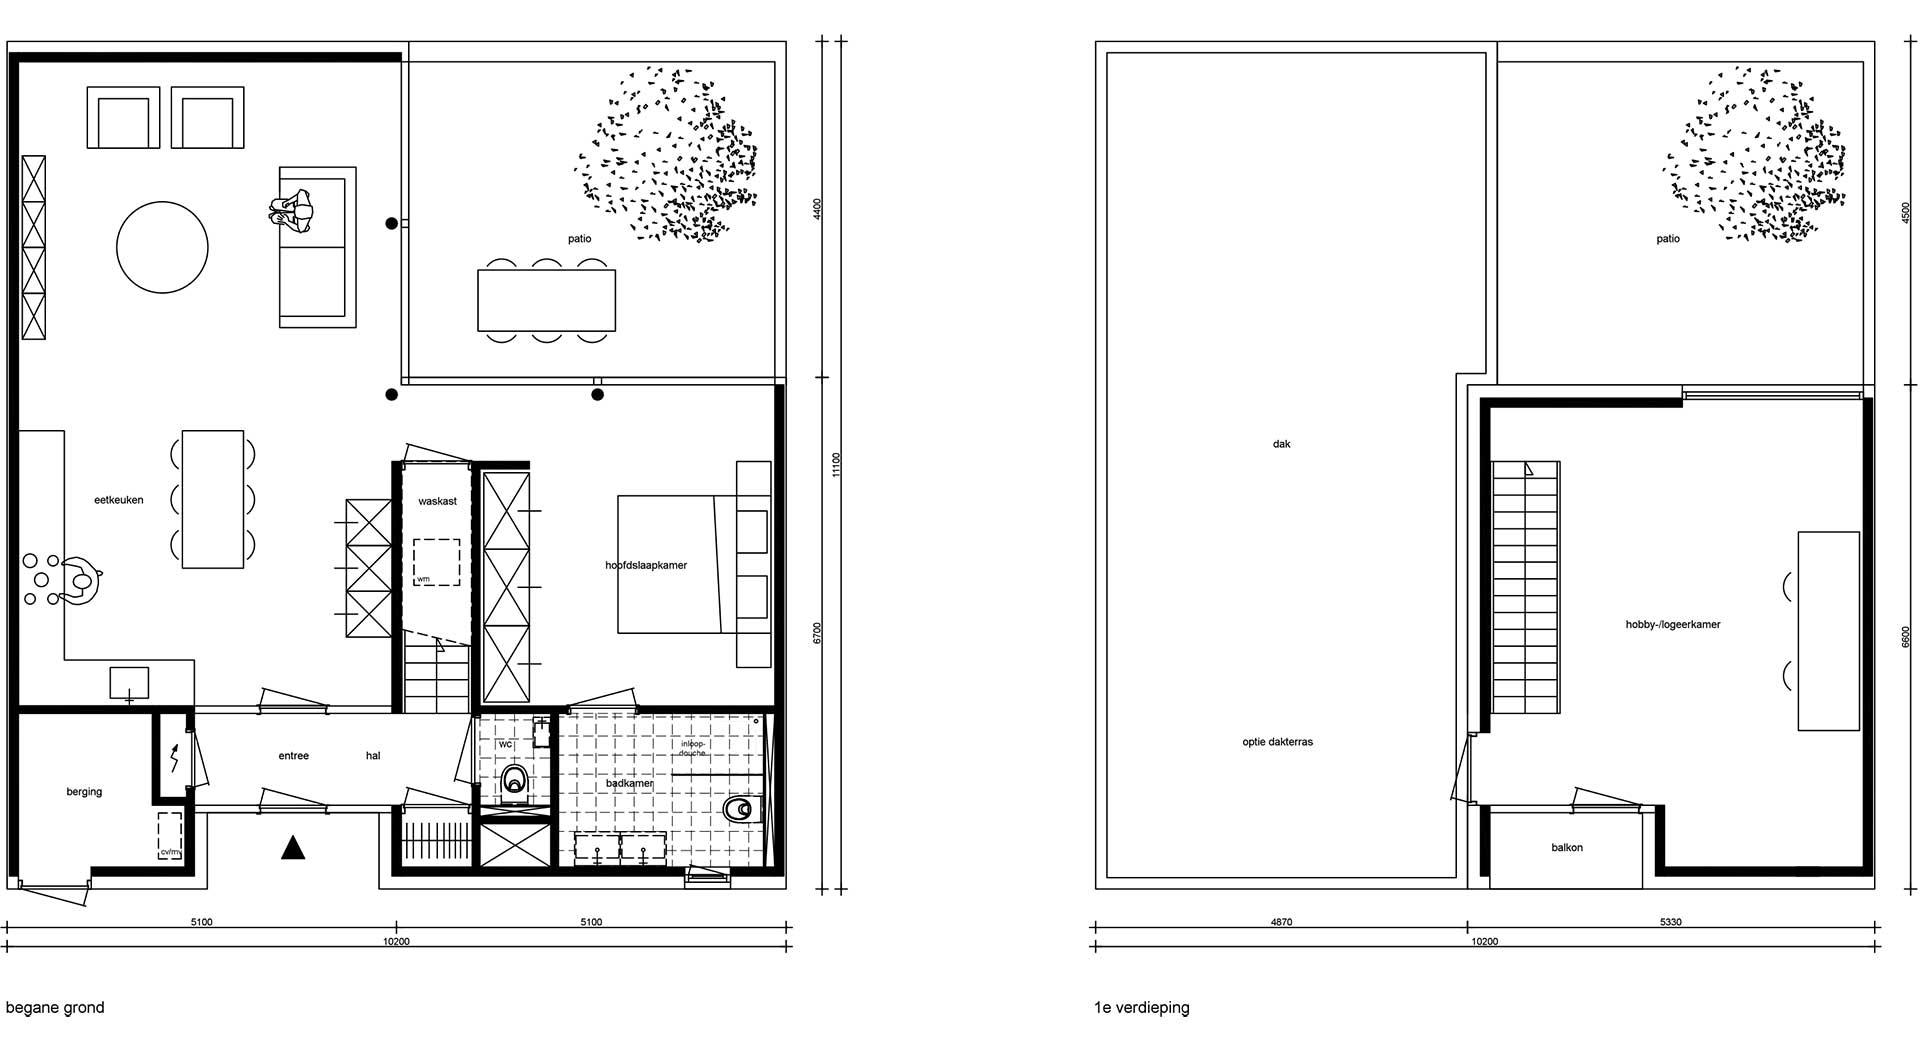 plattegronden-bungalow-compact1